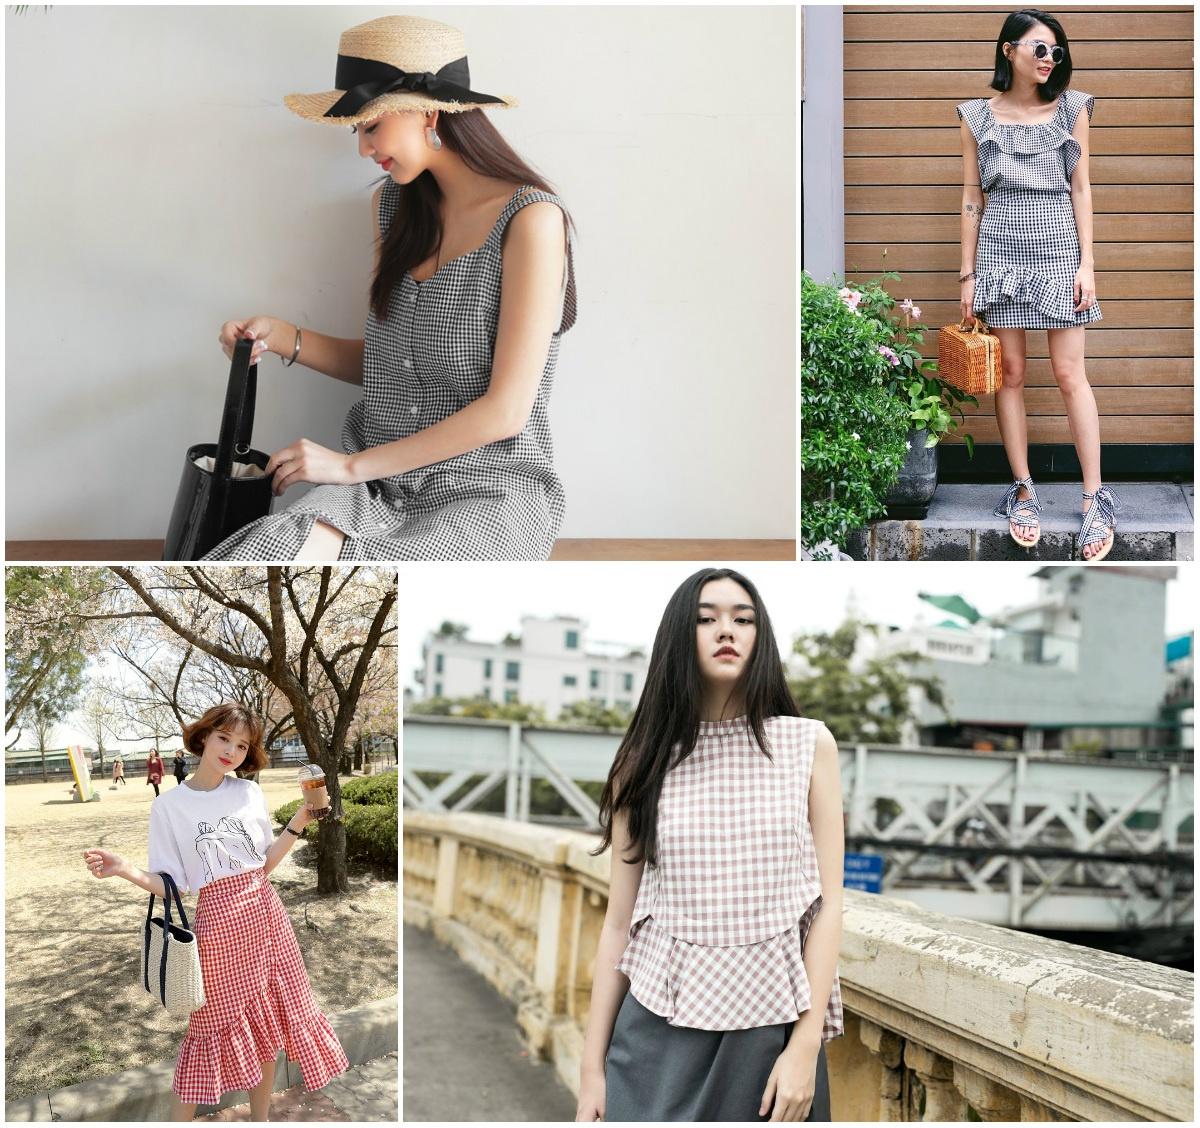 họa tiết caro gingham xu hướng thời trang hè 2018